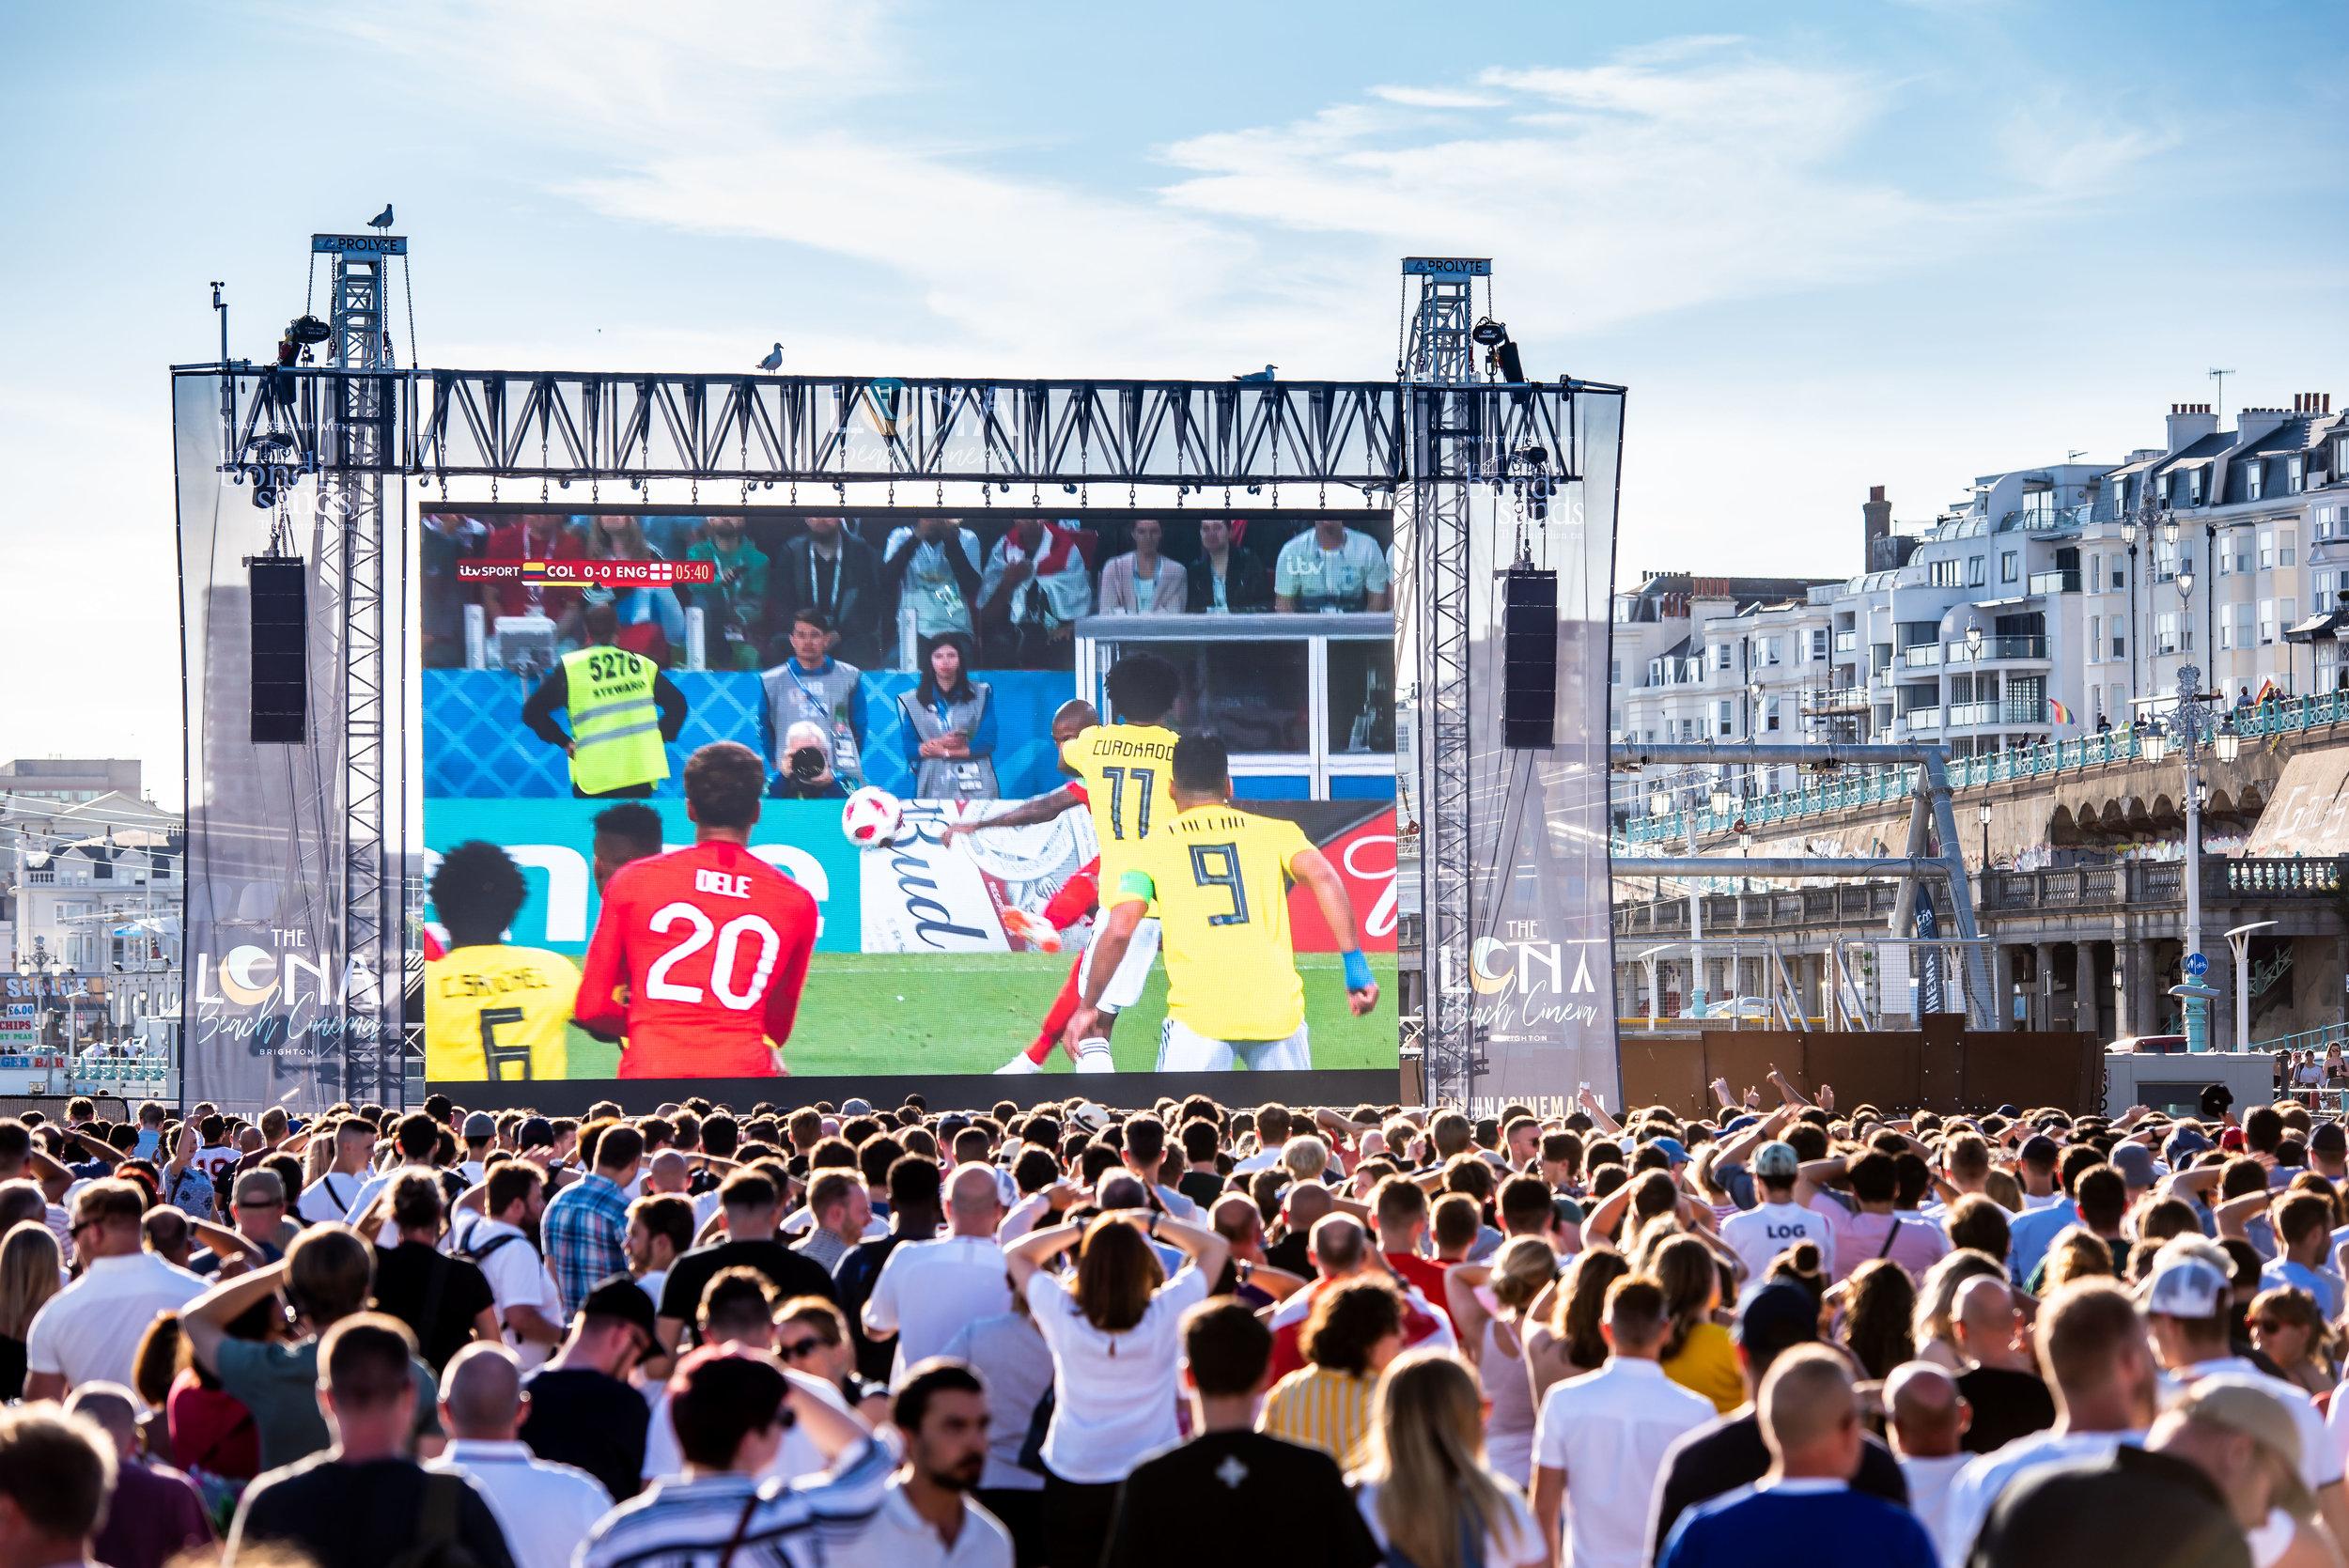 PROLIGHTS LED-väggar används av bland andra Luna Cinema vid filmpremiärer. Eller som här, när man även visade Fotbolls-VM på Brighton Beach med hjälp av OmegaPIX.